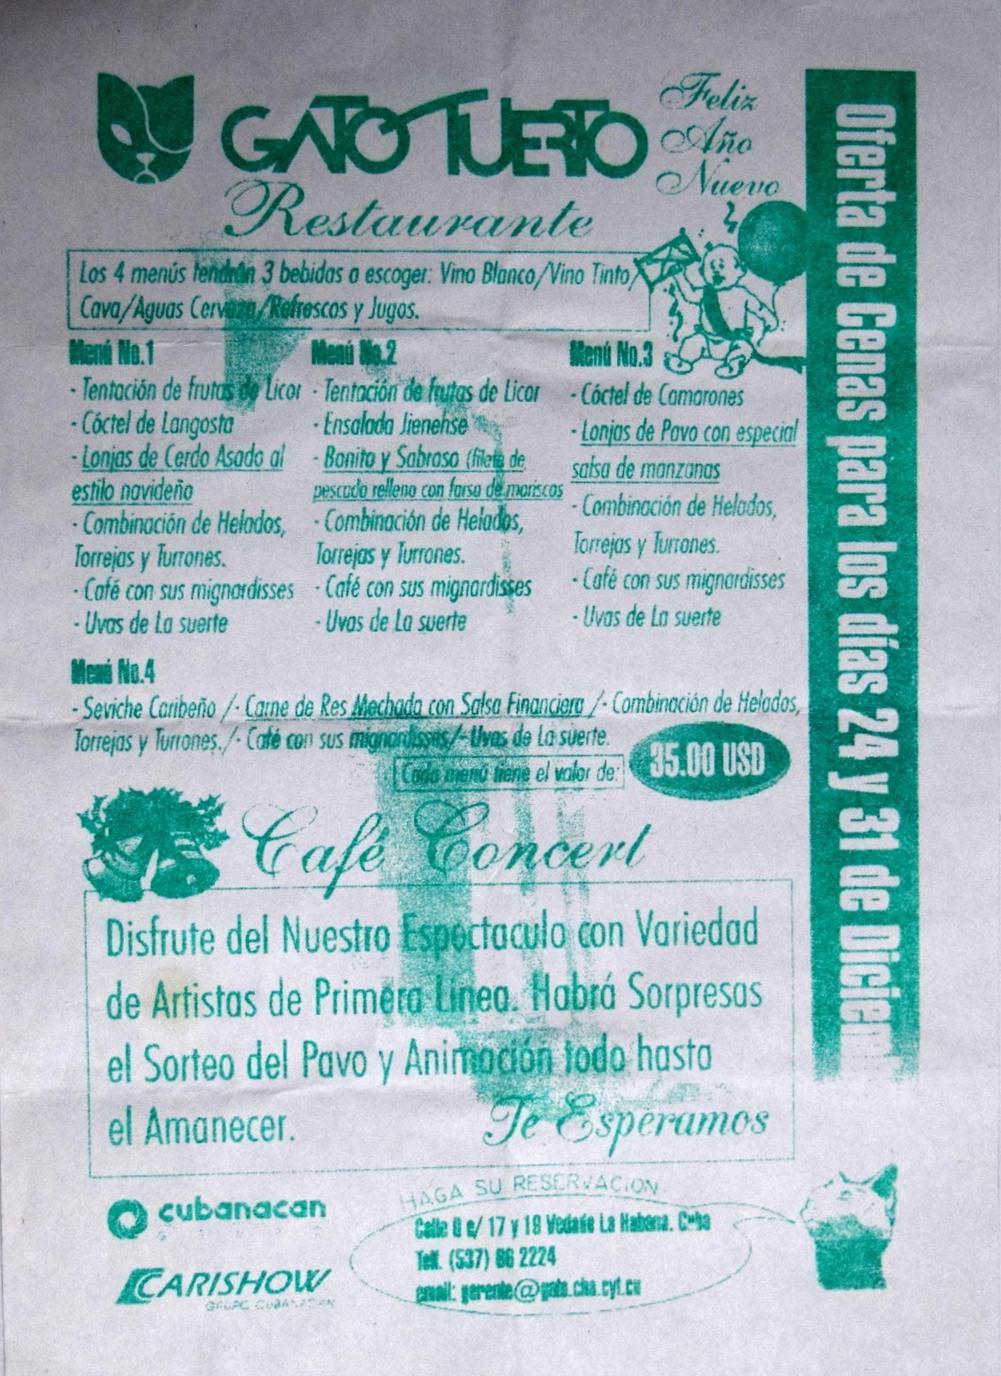 2001. Меню гаванского ресторана-бара Гато Туэрто (Одноглазый Кот) с предложением Рождественских и Новогодних посиделок (комплексных ужинов) за 35 зелёных.